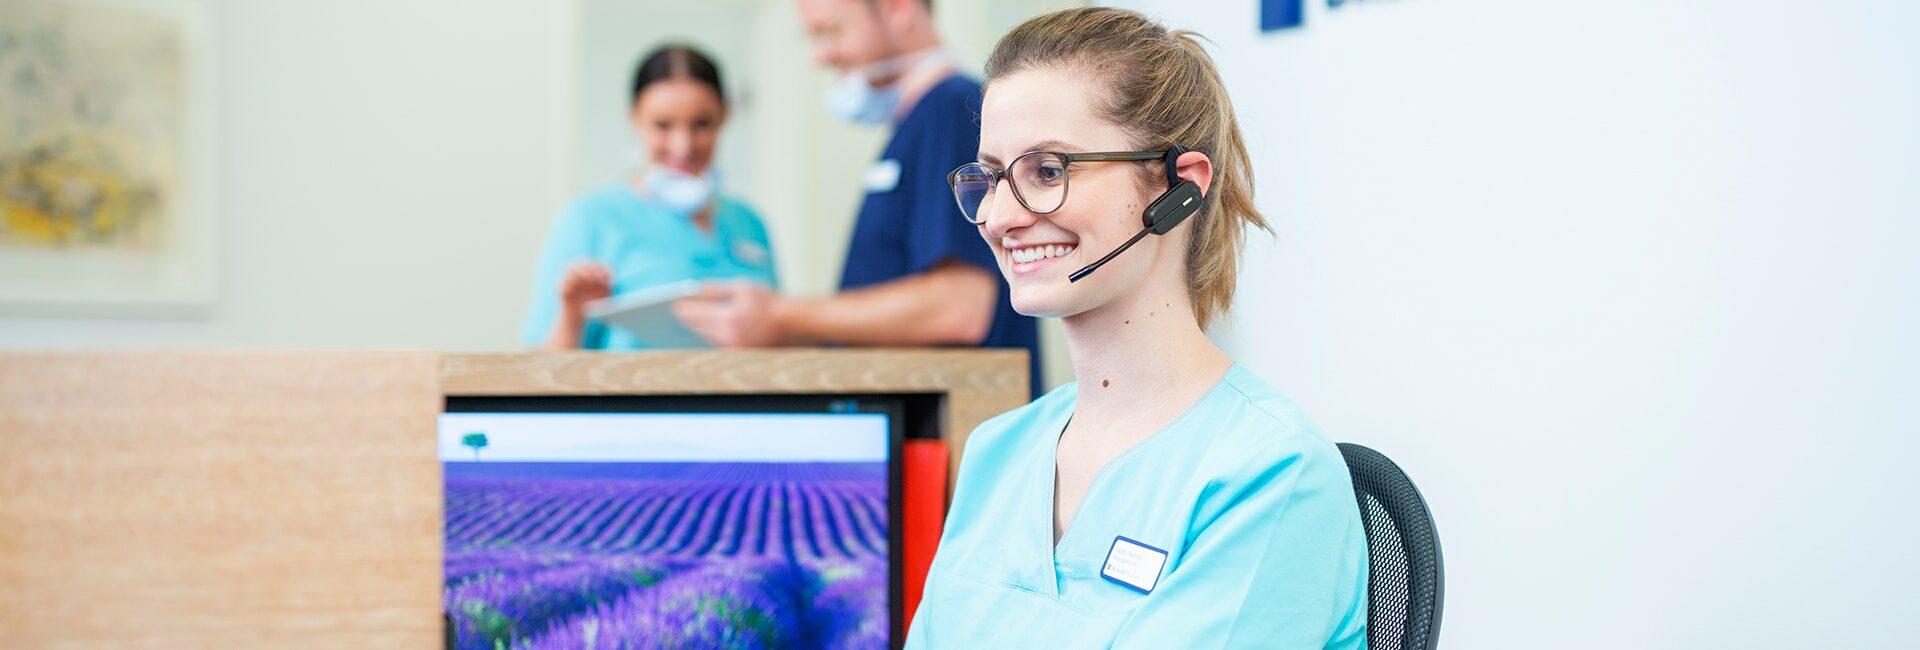 Zahnarzt Schweizer Grenze | DR. HAGER